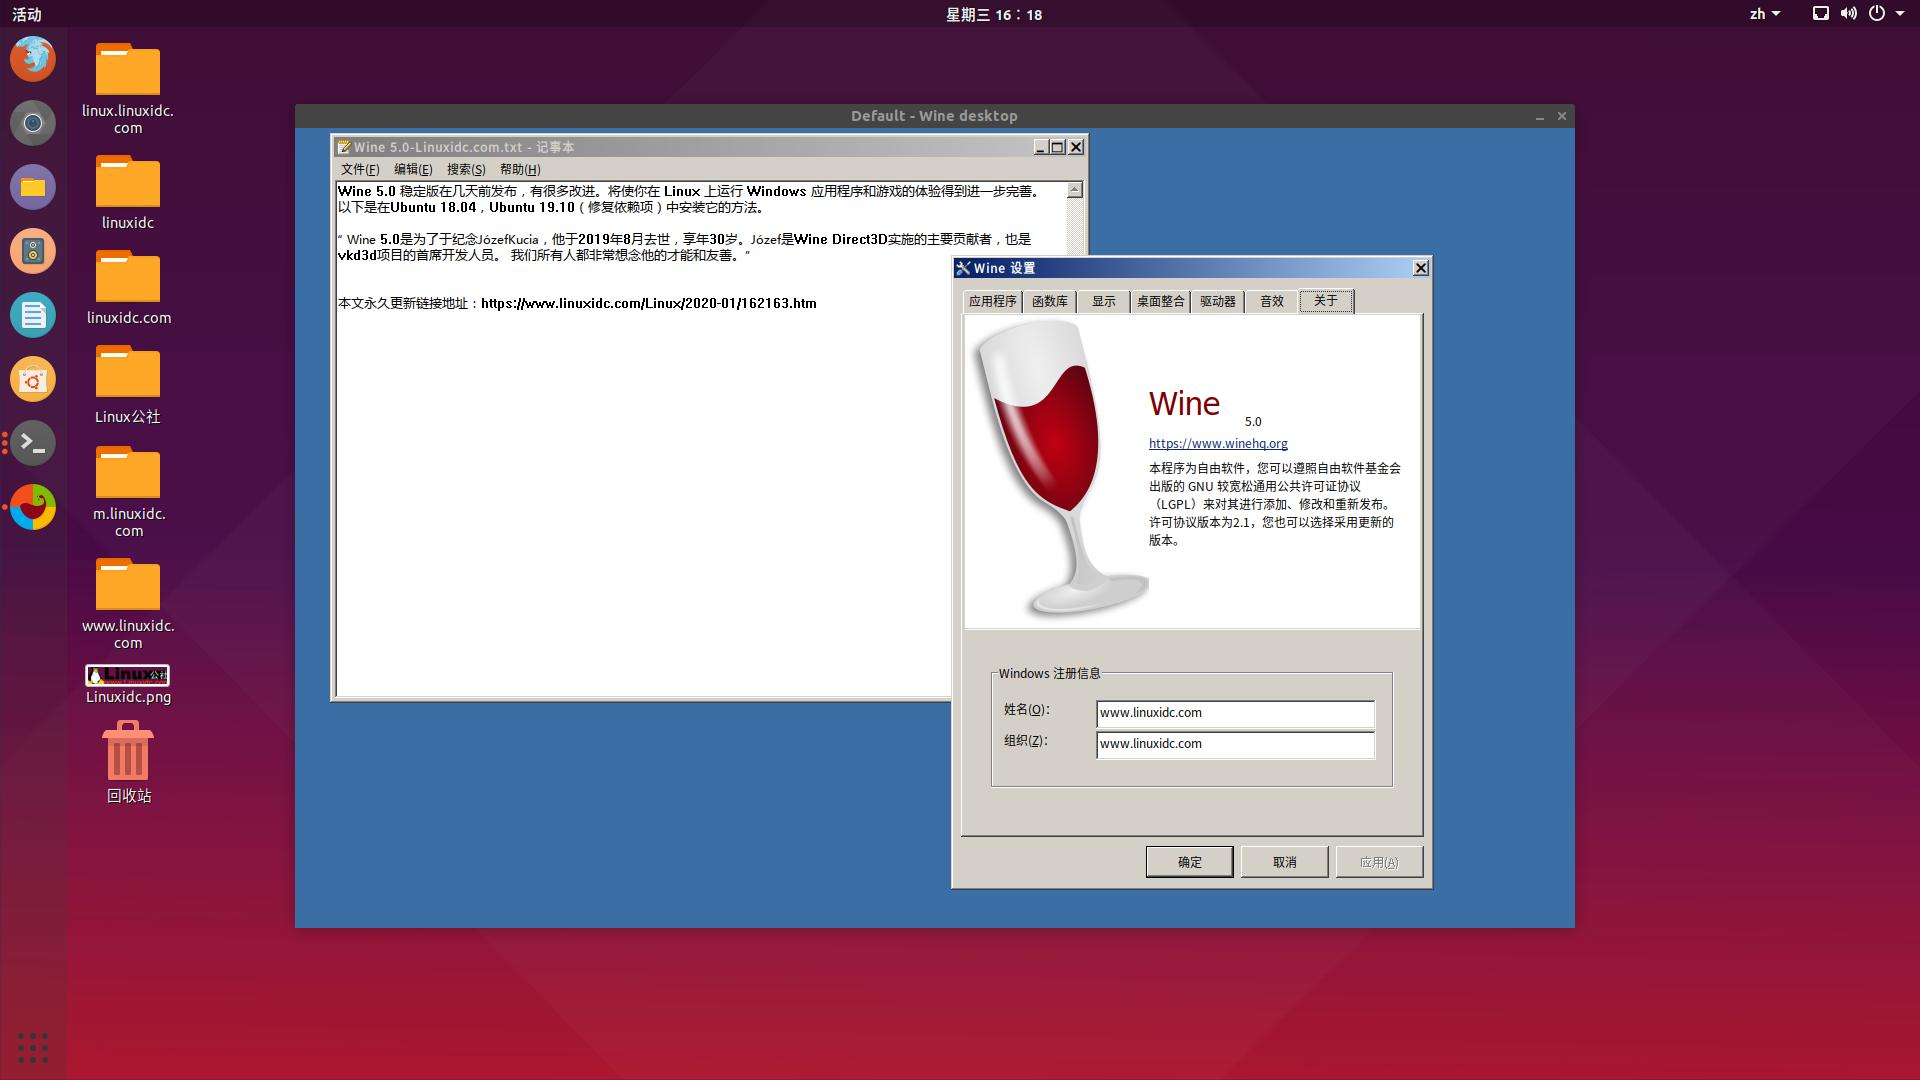 如何在Ubuntu 18.04、19.10 中安装 Wine 5.0 稳定版